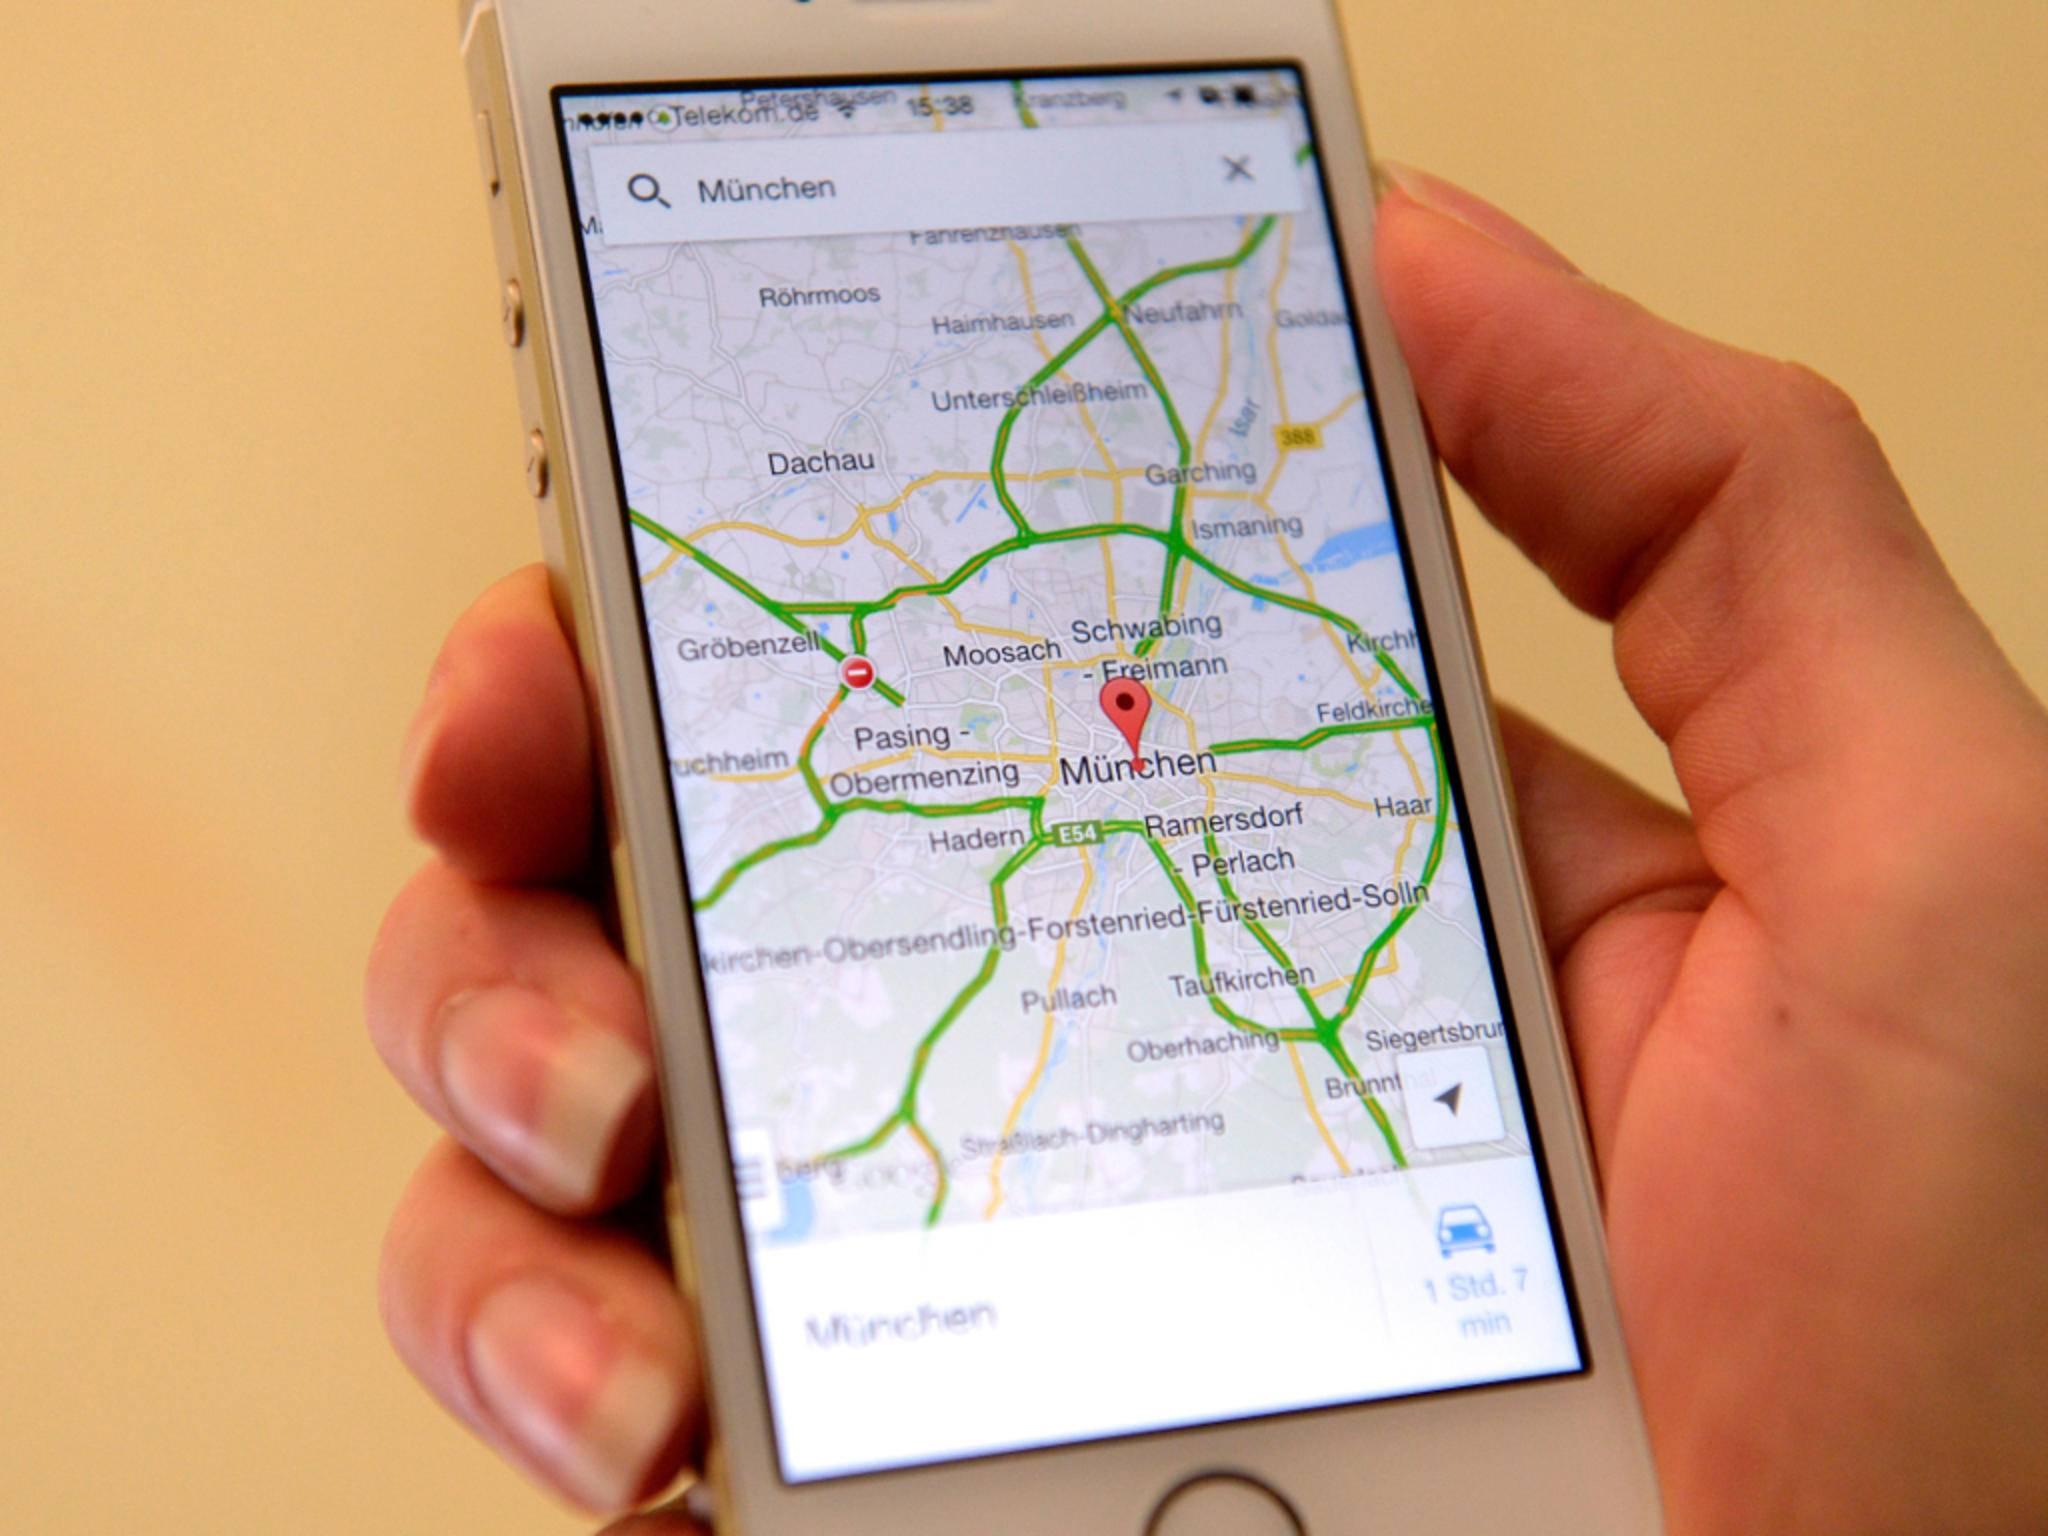 Google Maps informiert bei der Routenplanung jetzt auch über Öffnungszeiten.